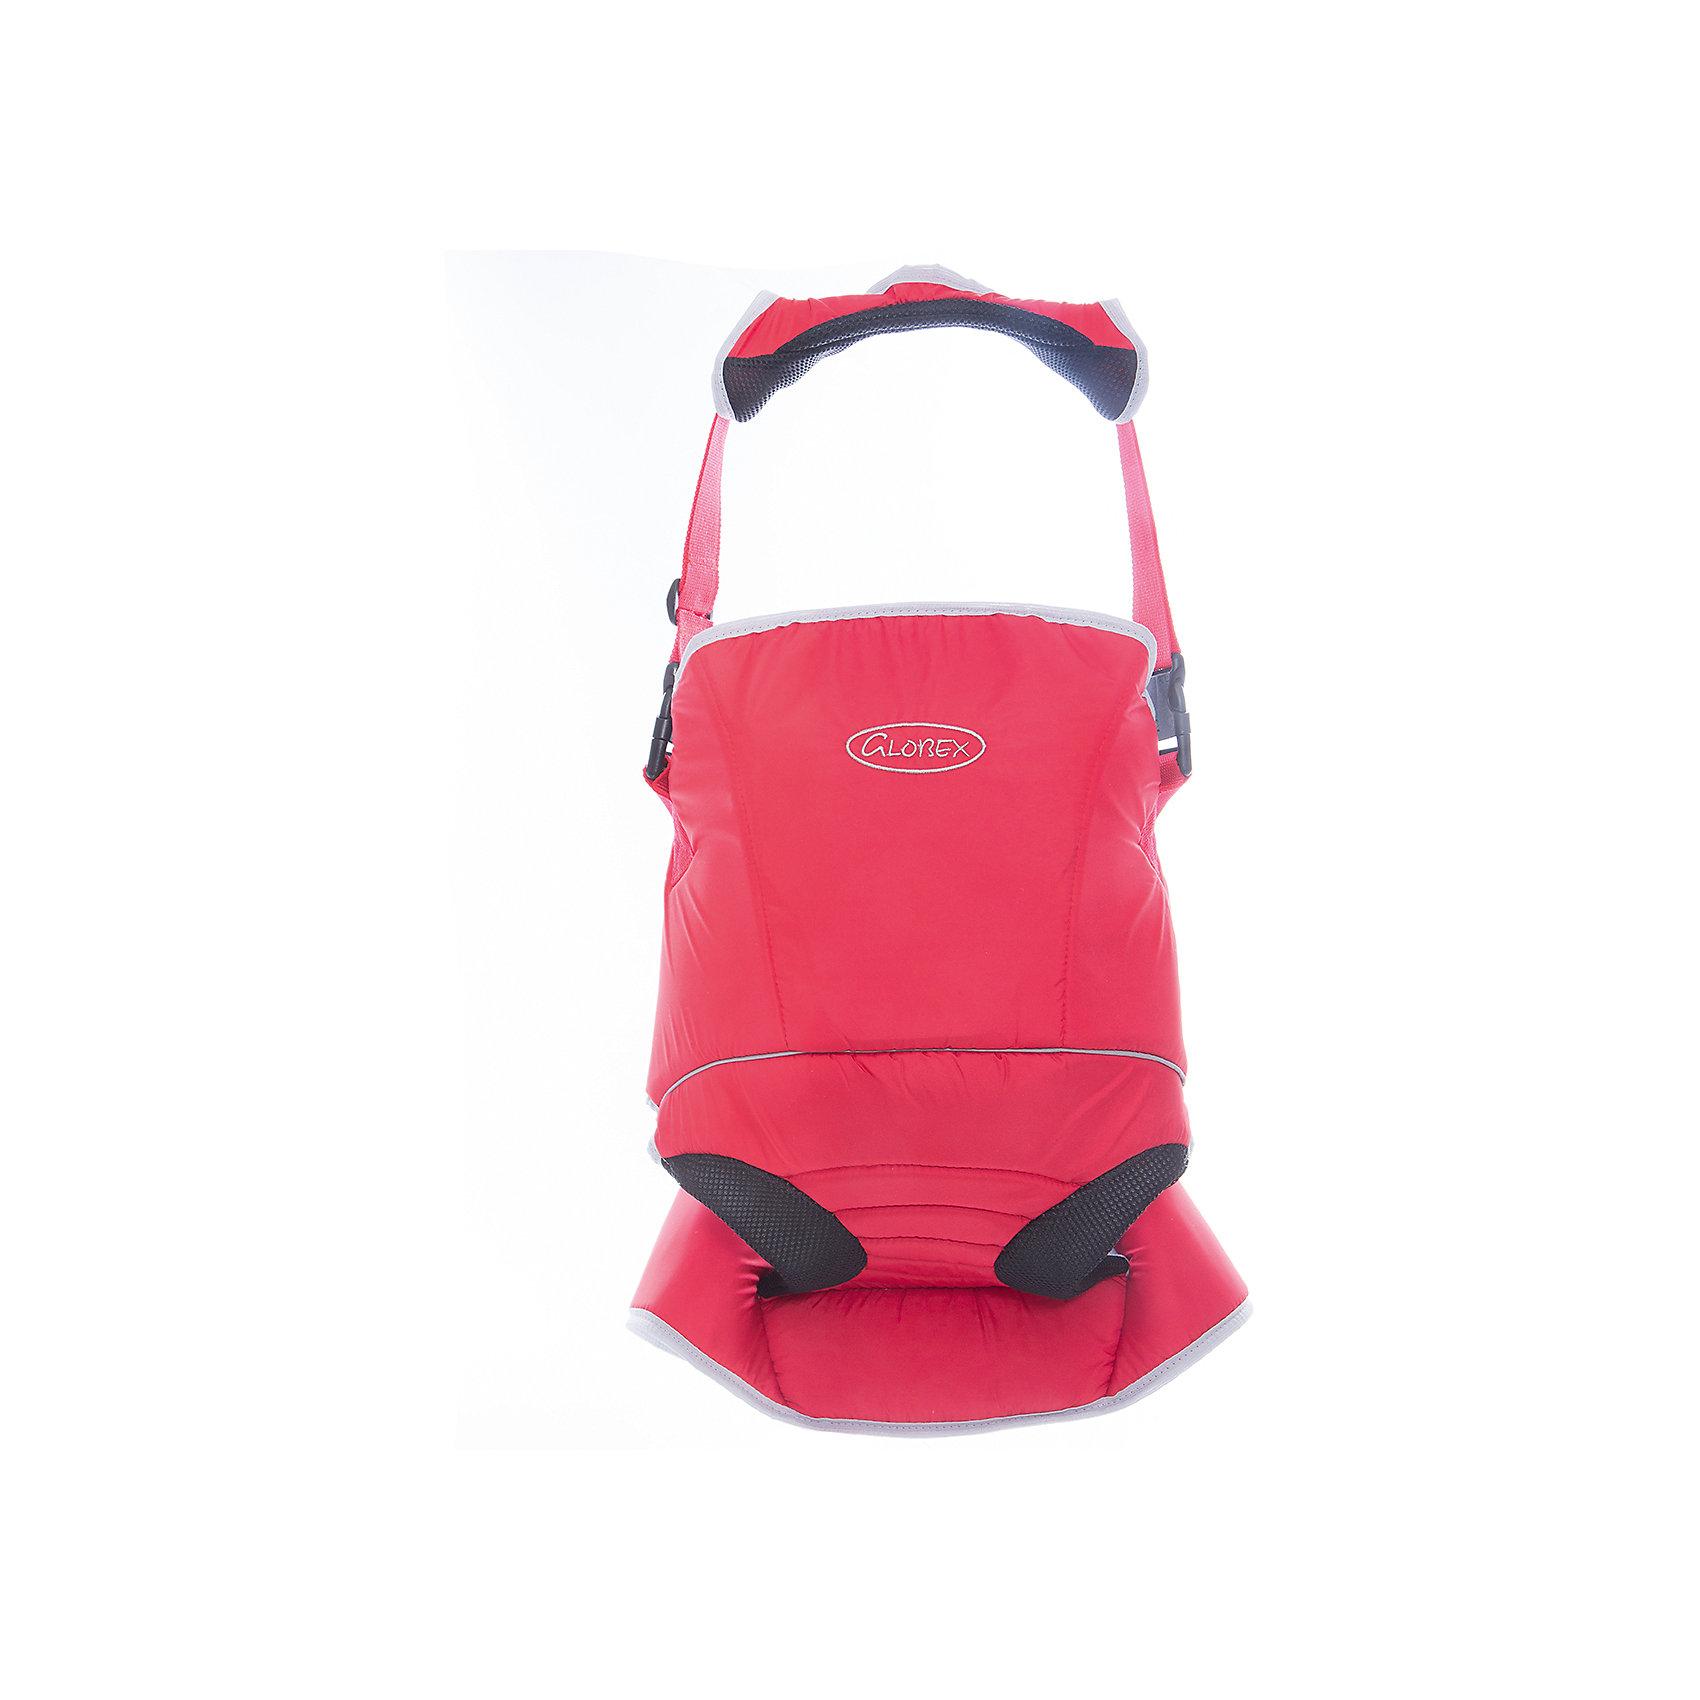 Рюкзак-кенгуру Грандер, Globex, красныйСлинги и рюкзаки-переноски<br>Характеристики:<br><br>• анатомический рюкзак-кенгуру;<br>• возраст ребенка: от 1 года до 3 лет;<br>• вес ребенка: 10-20 кг;<br>• положение ребенка: «лицом к лицу»;<br>• надежная фиксация;<br>• удобные застежки;<br>• мягкие регулируемые наплечники;<br>• мягкие прорези для ножек;<br>• двойное сидение;<br>• размер упаковки: 36х27х10 см;<br>• вес: 700 г.<br><br>Рюкзак-кенгуру Grander позволяет носить ребенка таким образом, чтобы снизить давление на плечи и равномерно распределить нагрузку на спину. Размер регулируется, спинка рюкзака защищает спинку ребенка, двойной вкладыш обеспечивает дополнительный комфорт для малыша во время пребывания в рюкзаке-переноске. <br><br>Рюкзак-кенгуру Грандер, Глобэкс можно купить в нашем интернет-магазине.<br><br>Ширина мм: 360<br>Глубина мм: 270<br>Высота мм: 100<br>Вес г: 700<br>Возраст от месяцев: 1<br>Возраст до месяцев: 10<br>Пол: Унисекс<br>Возраст: Детский<br>SKU: 5563029